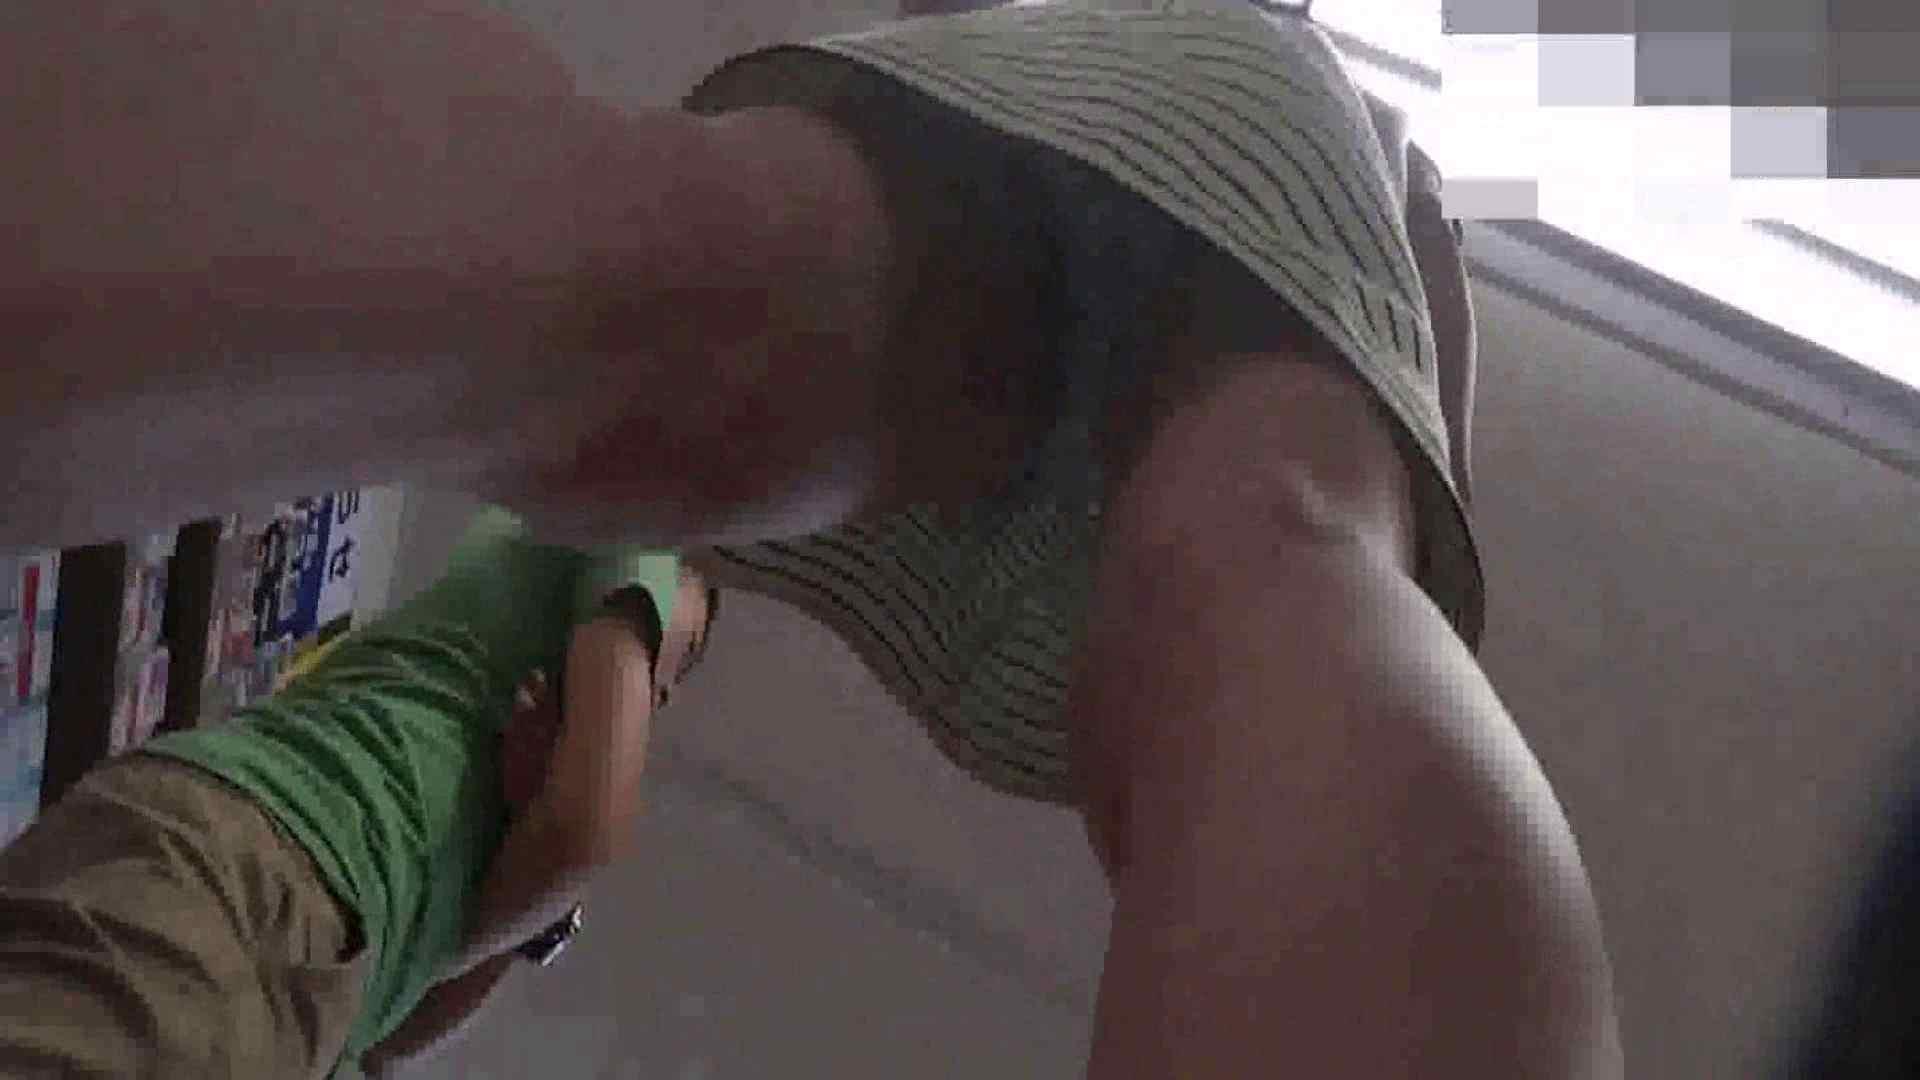 真剣に買い物中のgal達を上から下から狙います。vol.01 HなOL | JKヌード  102pic 50